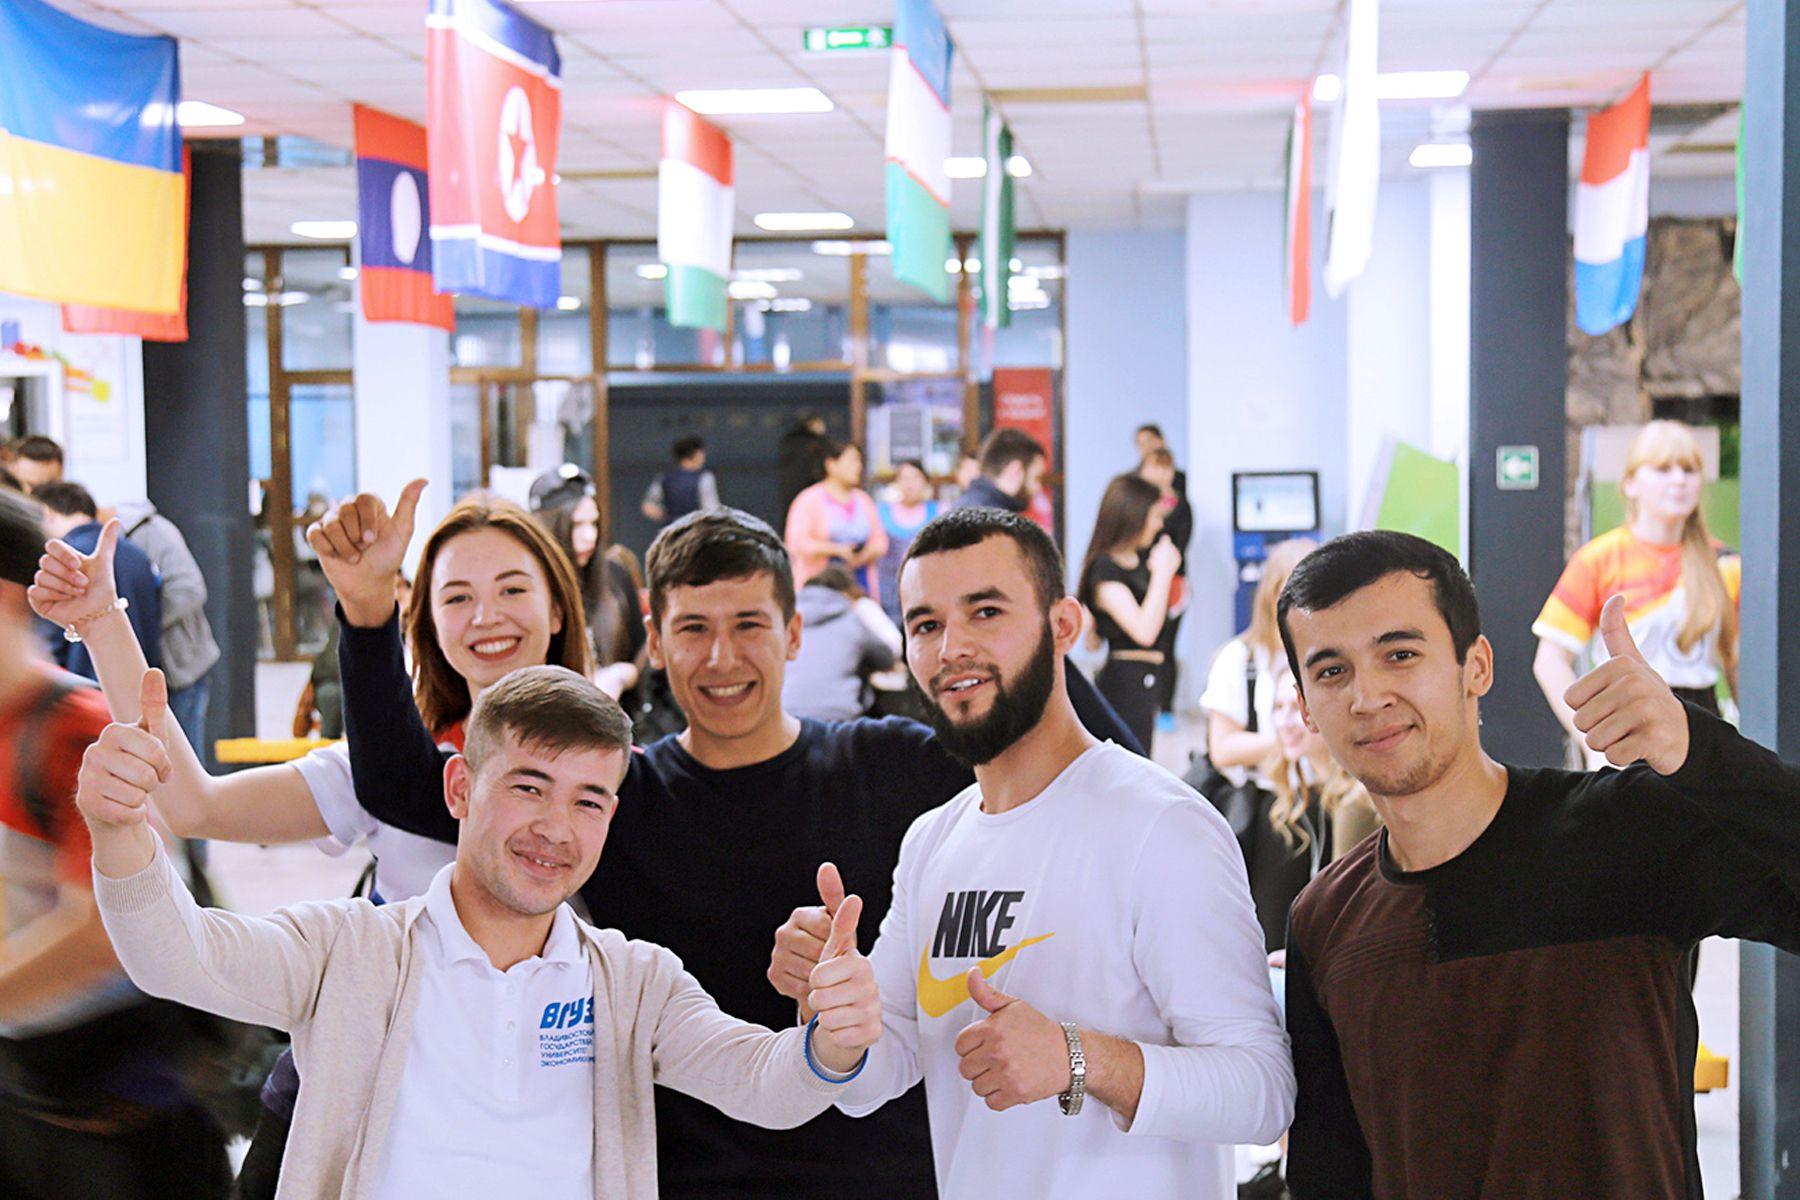 Международное высшее образование: ВГУЭС на связи с абитуриентами из Узбекистана